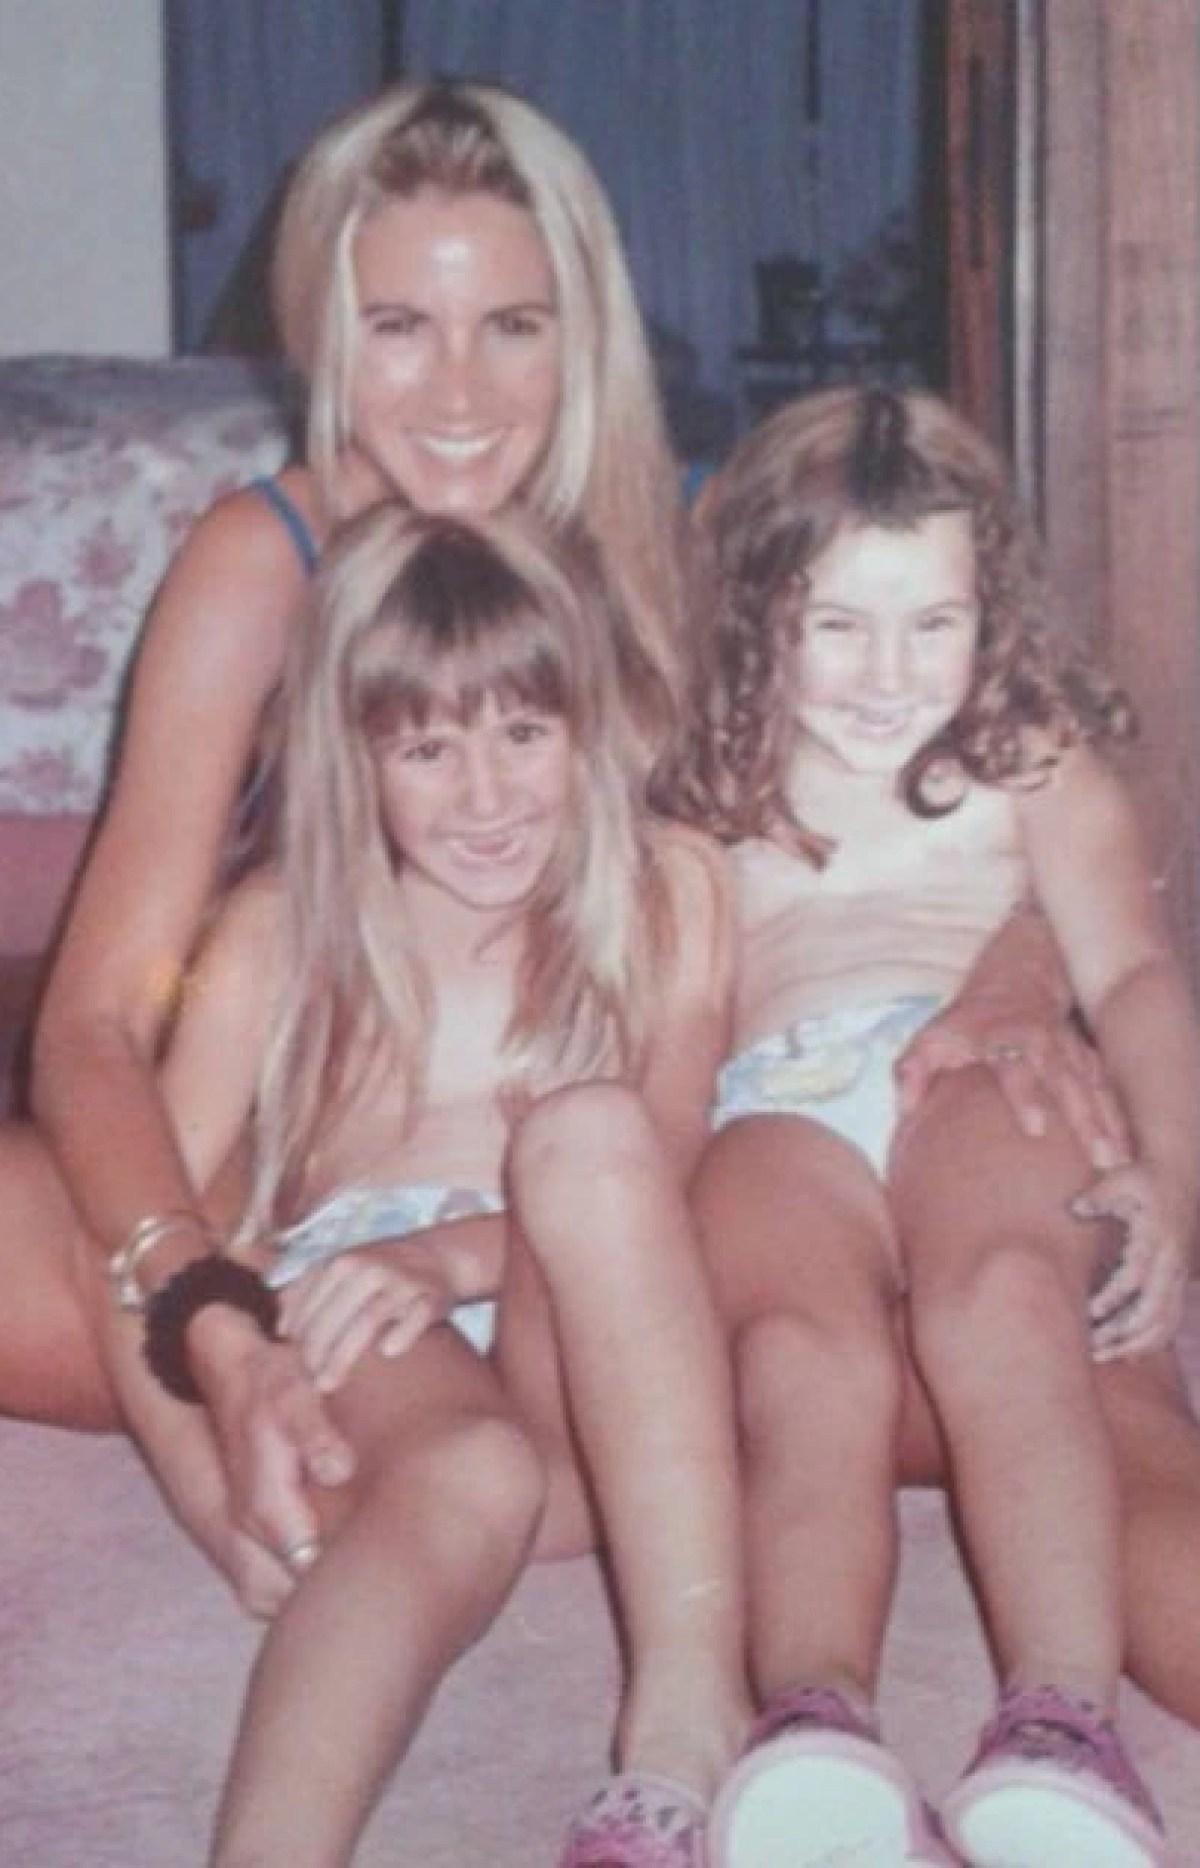 Soledad Aquino con Mica y Cande, las hijas que tuvo con Tinelli.